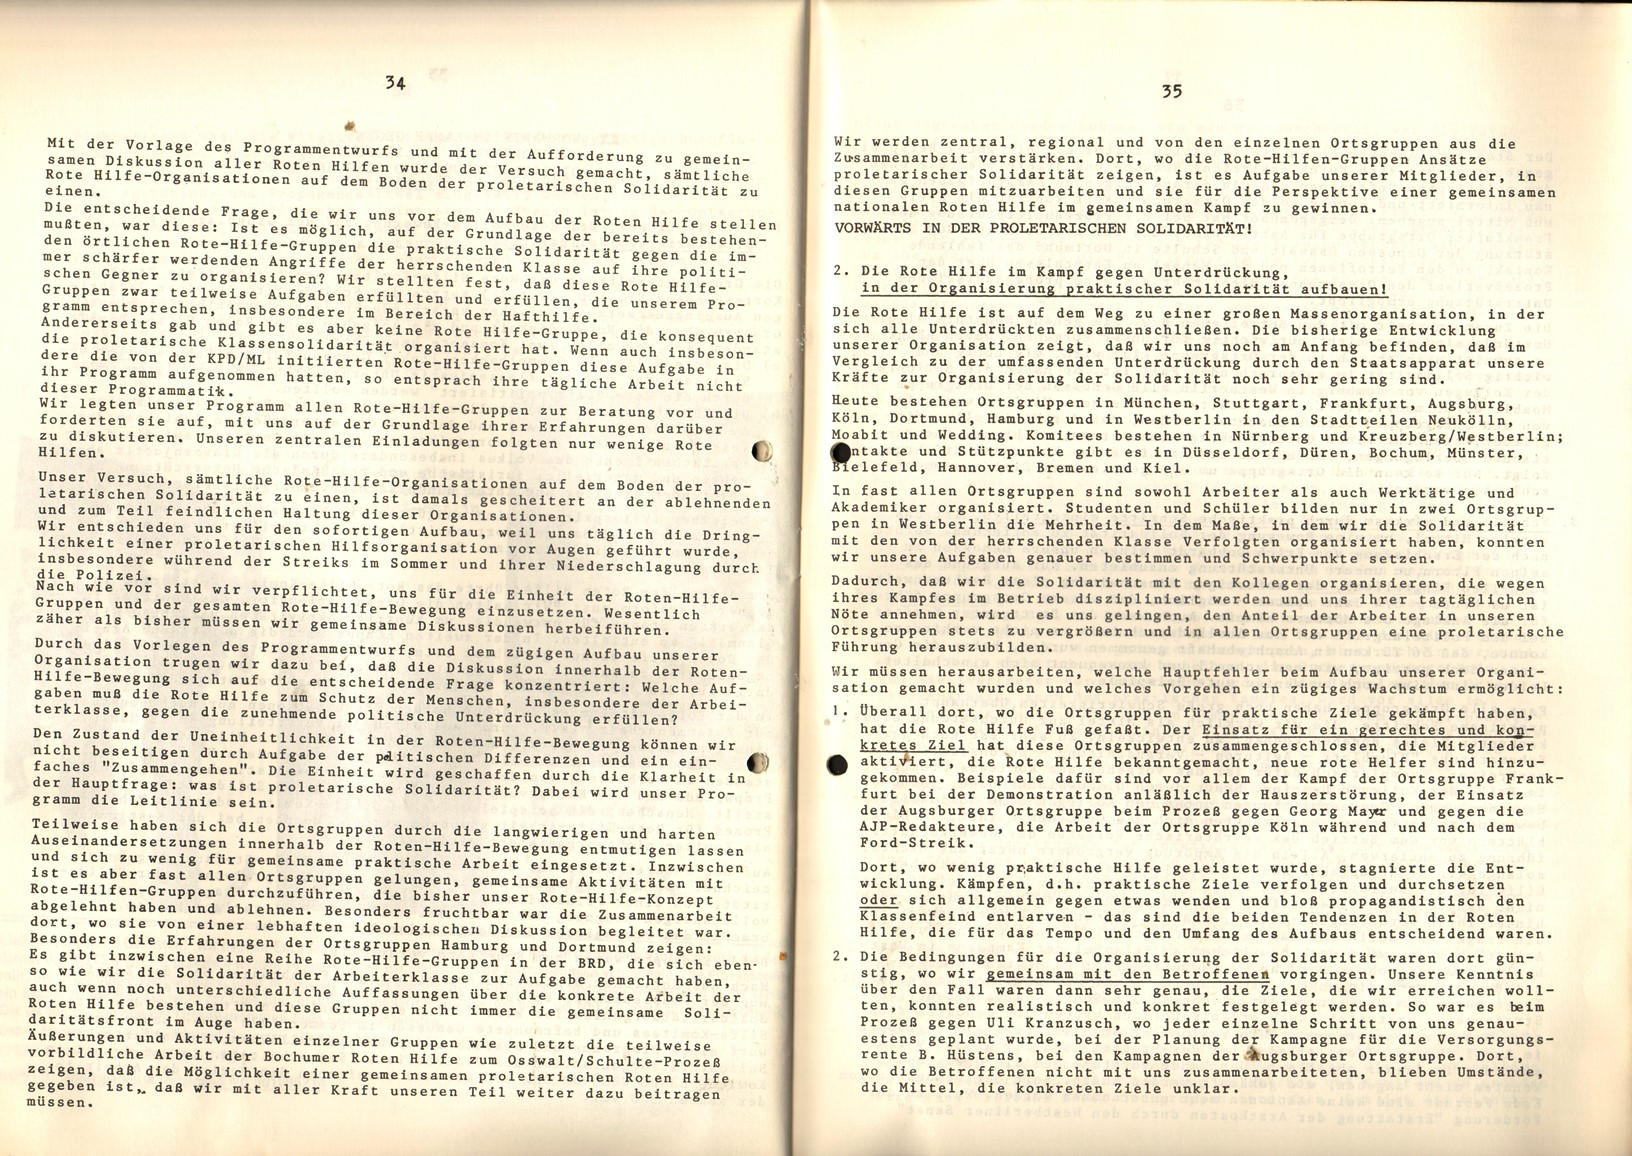 Dortmund_RHev_1974_Rechenschaftsbericht_19